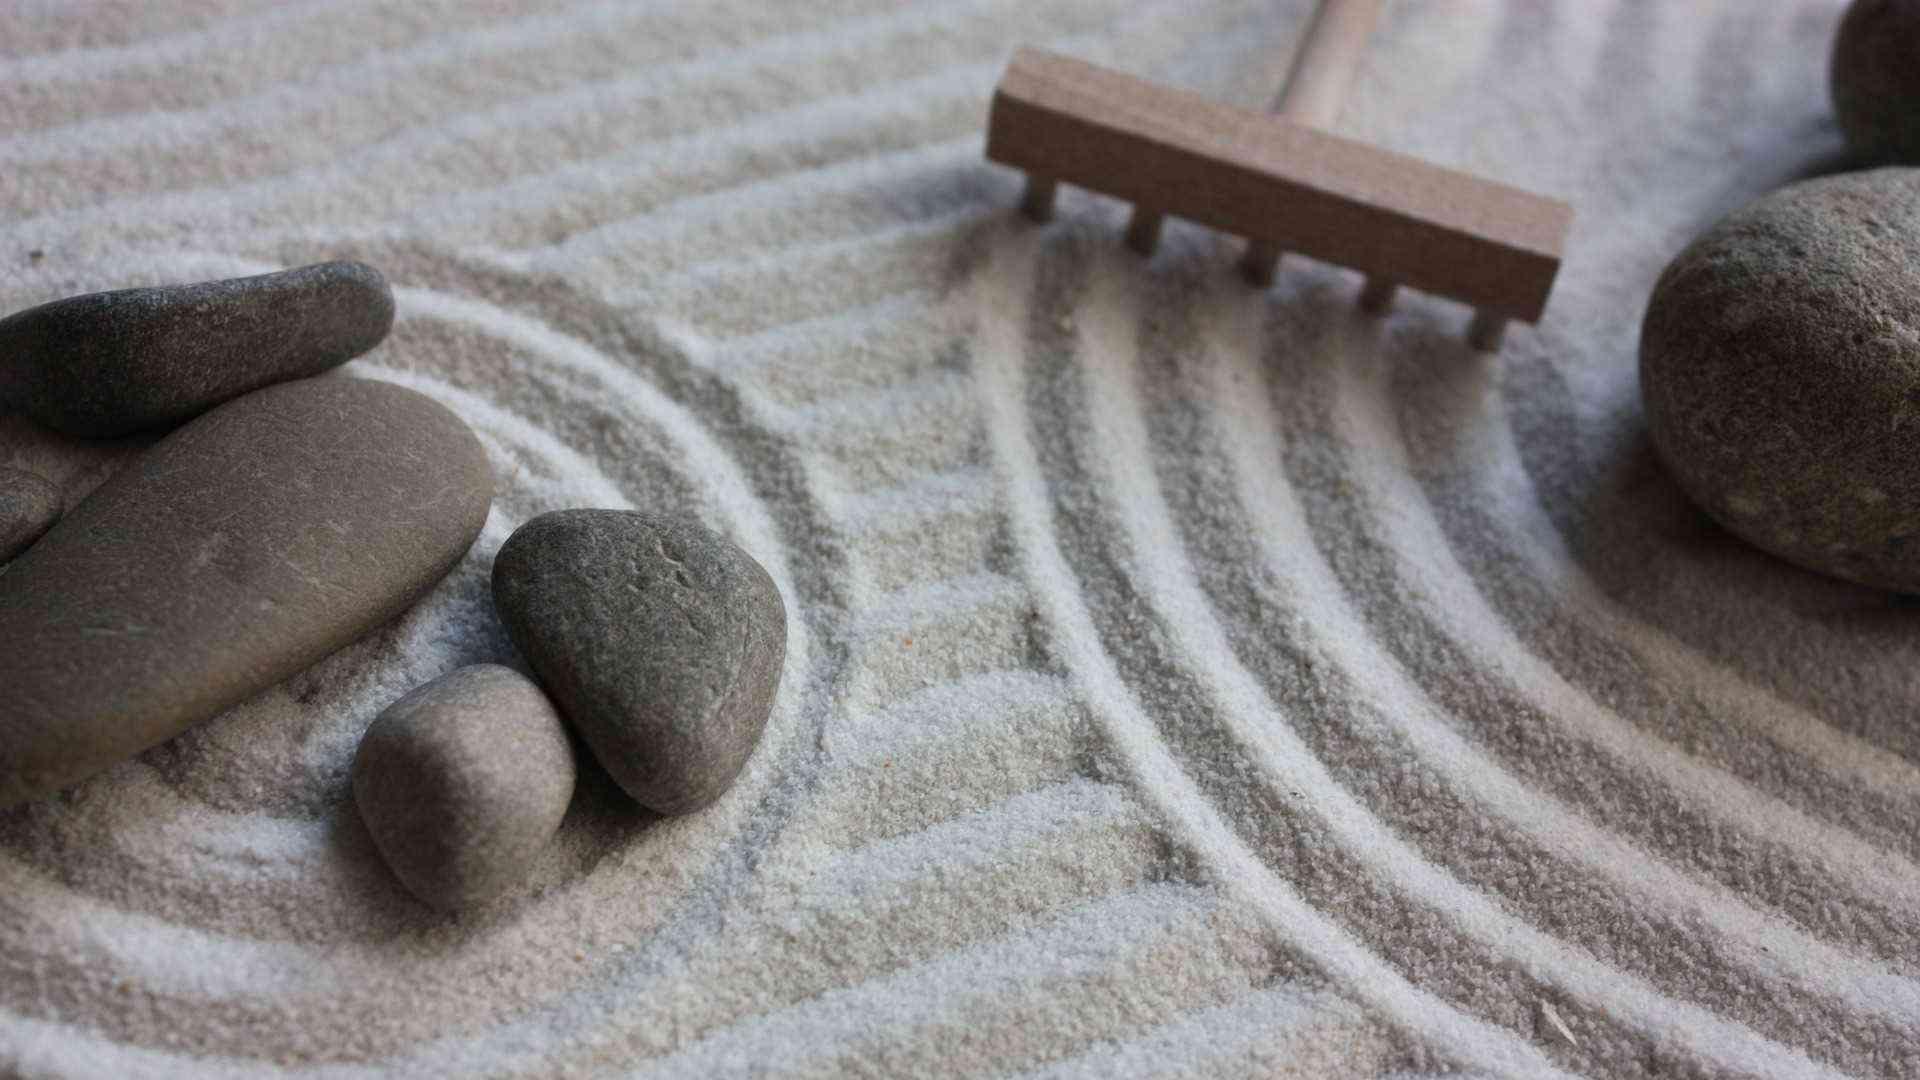 Petits galets posés dans du sable avec un râteau à coté